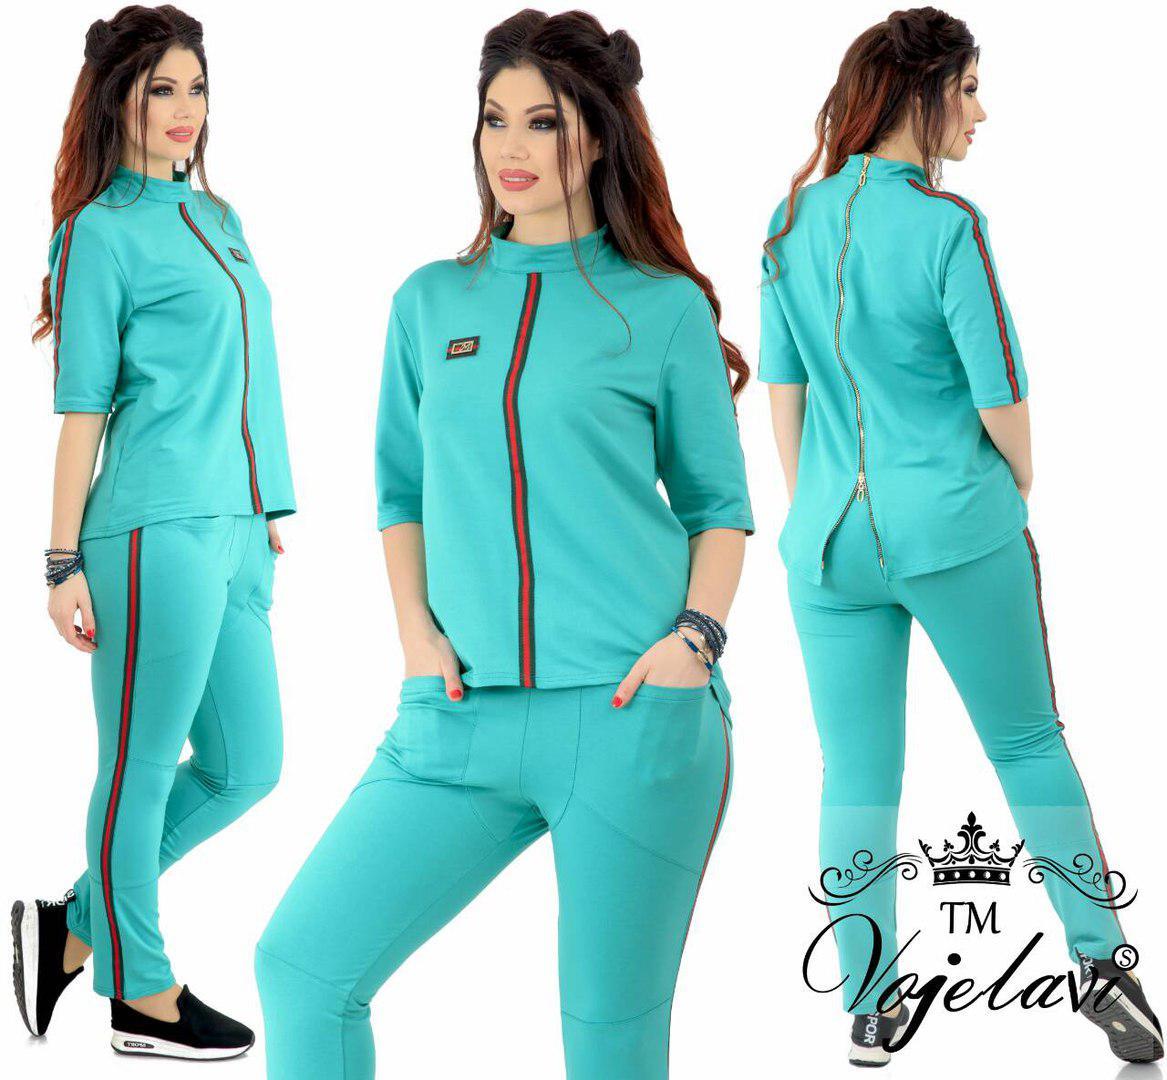 5233aced086 Спортивный костюм на женщин т.м. Vojelavi A1131G оптом и в розницу ...